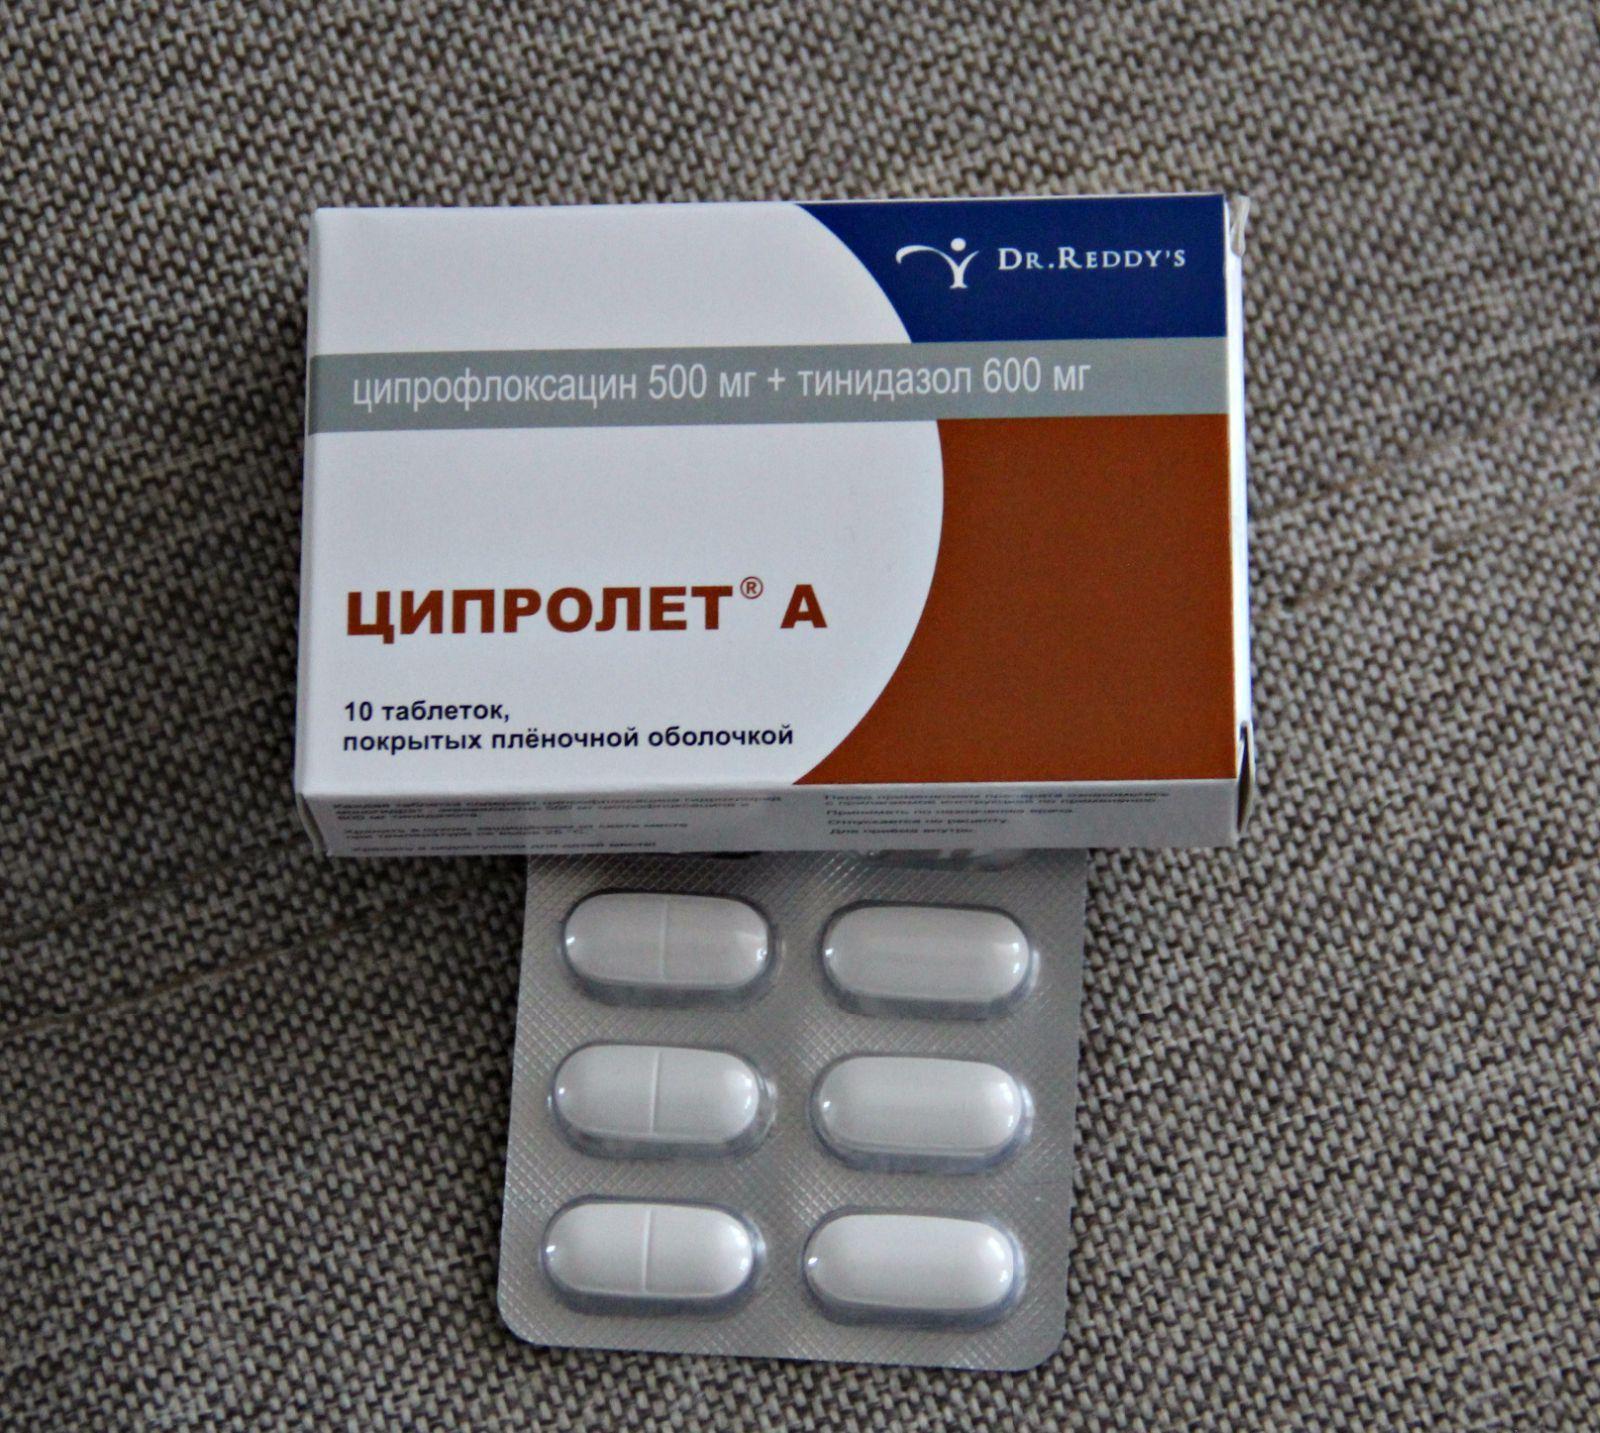 Как лечить токсоплазмоз у человека, какими препаратами пользоваться